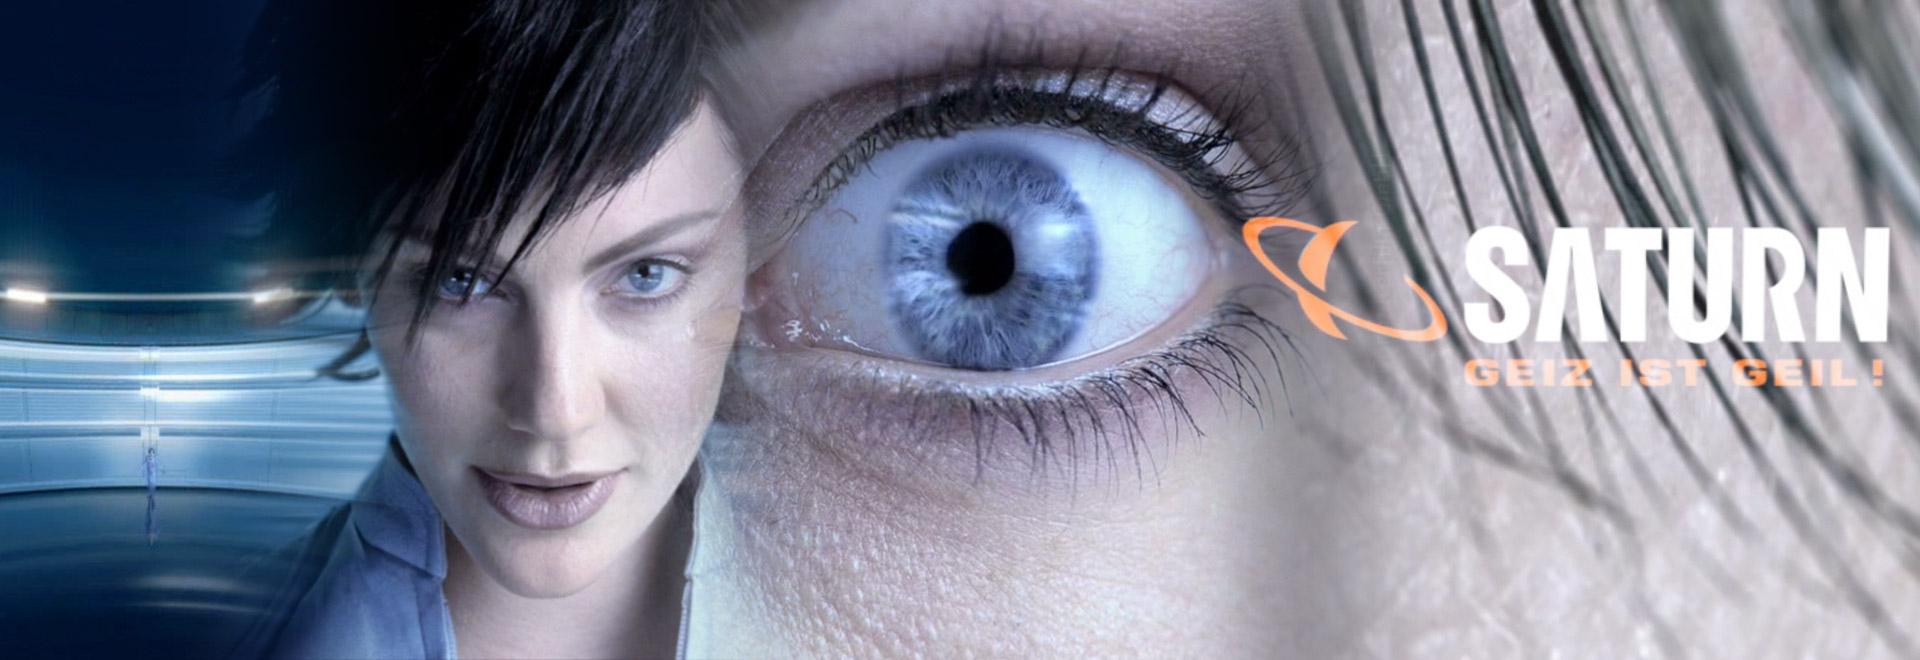 js-filmproduction-postproduction-commercial-saturn-wimpern-header